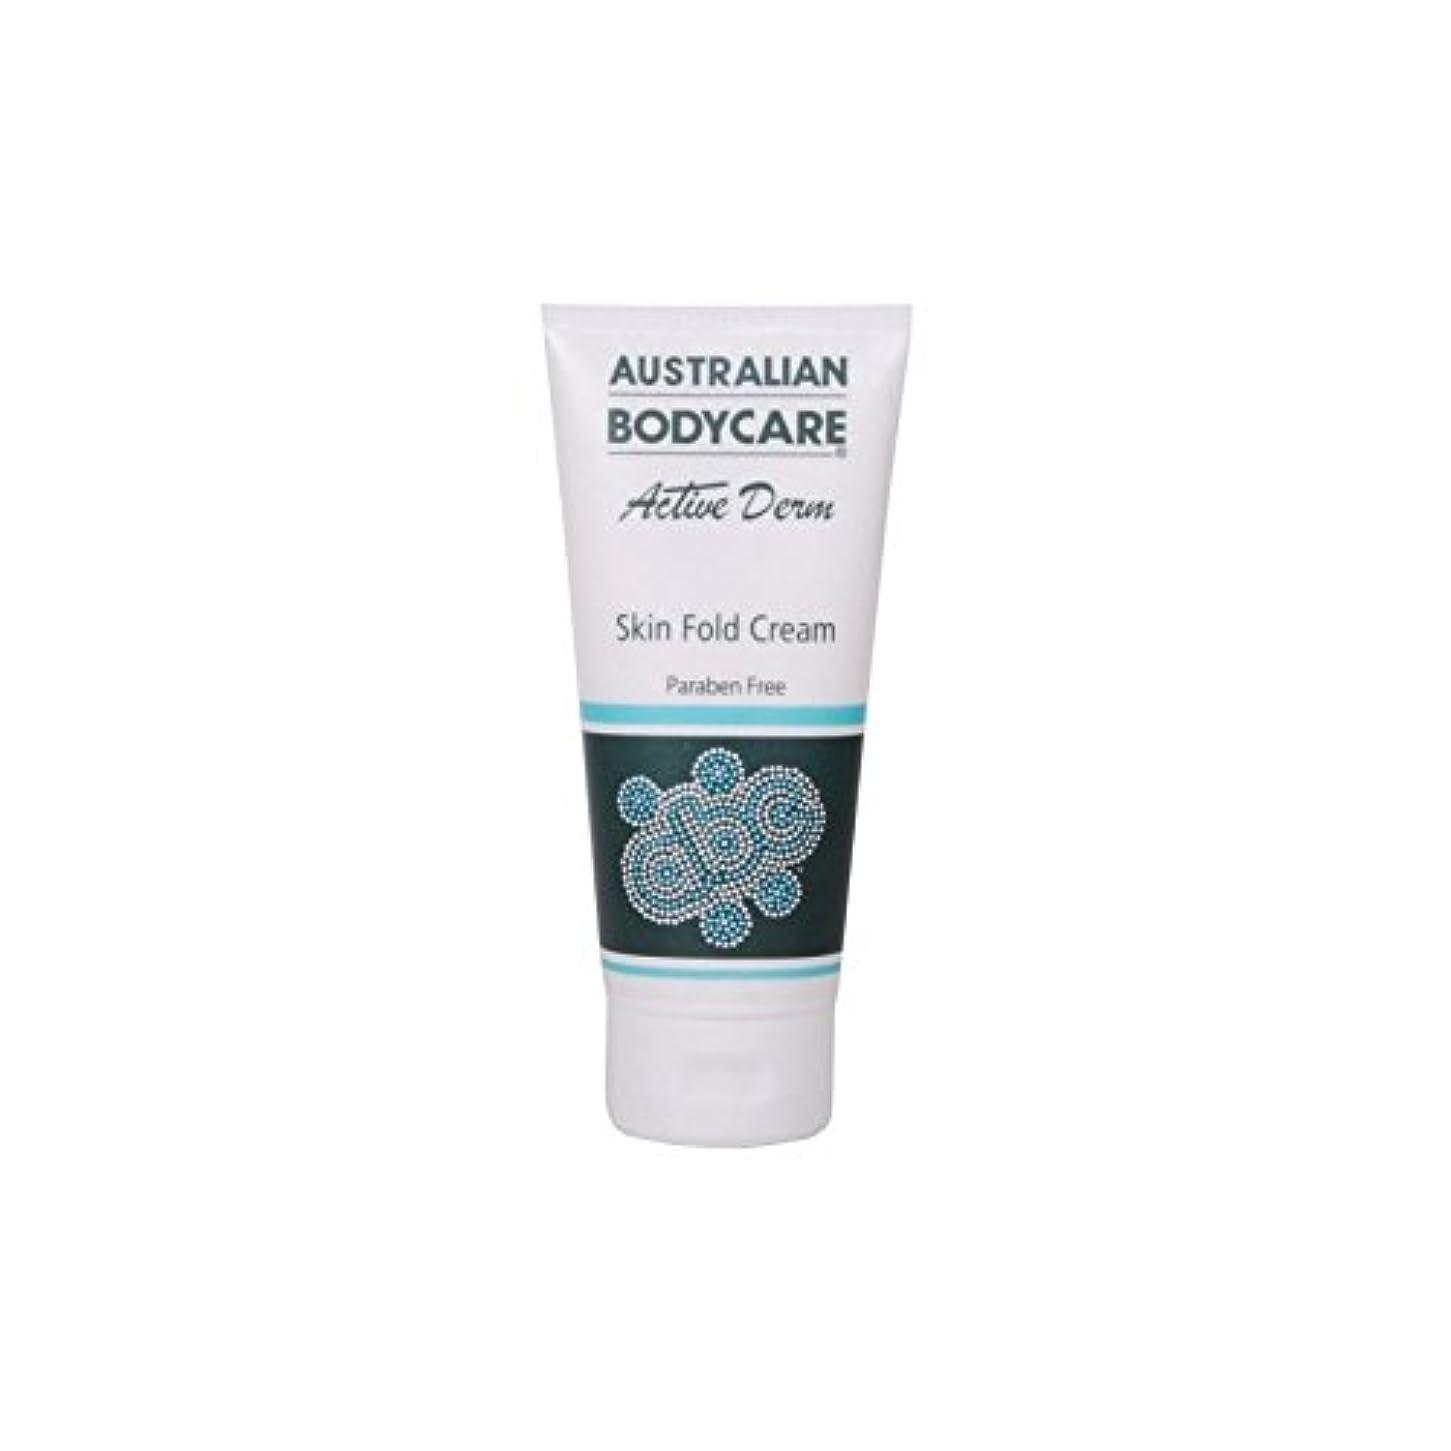 高原プレゼンレーザオーストラリアのボディケアアクティブダーム皮膚のひだクリーム(100ミリリットル) x4 - Australian Bodycare Active Derm Skin Fold Cream (100ml) (Pack of 4) [並行輸入品]